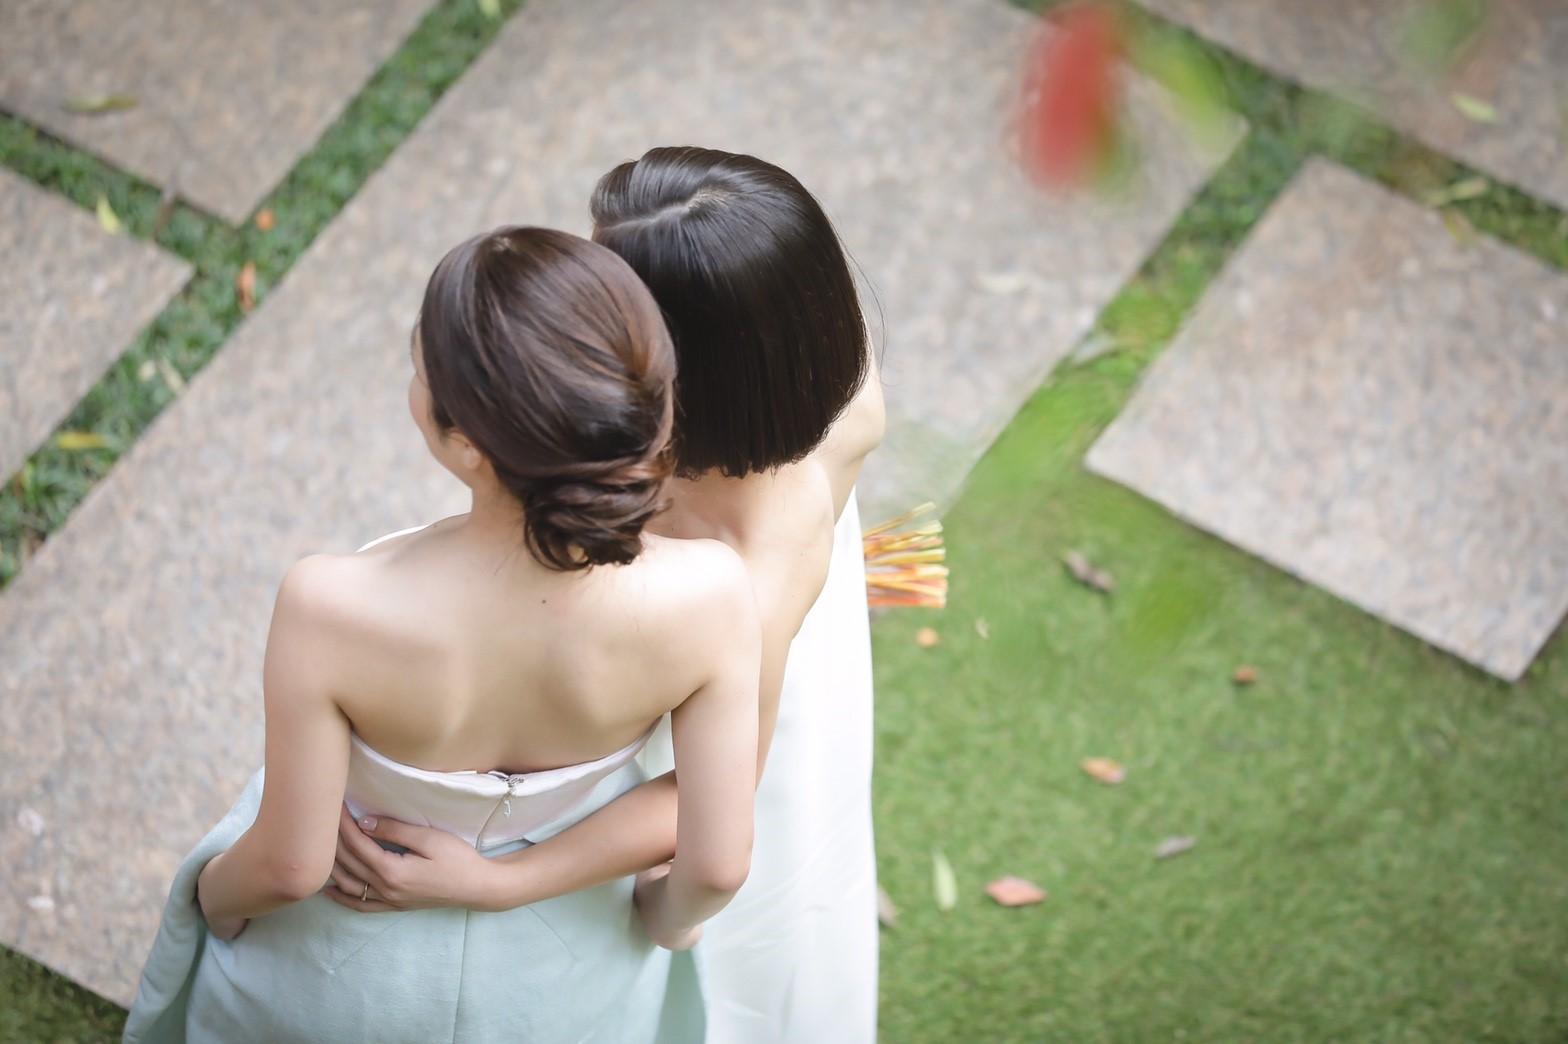 デルポソの白いベアトップで刺繍が施されたウェディングドレスを着ている花嫁とデルポソのベアトップで白とライトグリーンのバイカラーのドレスを着てる友人。女優Caitriona Balfeも同じドレスを着ていた。